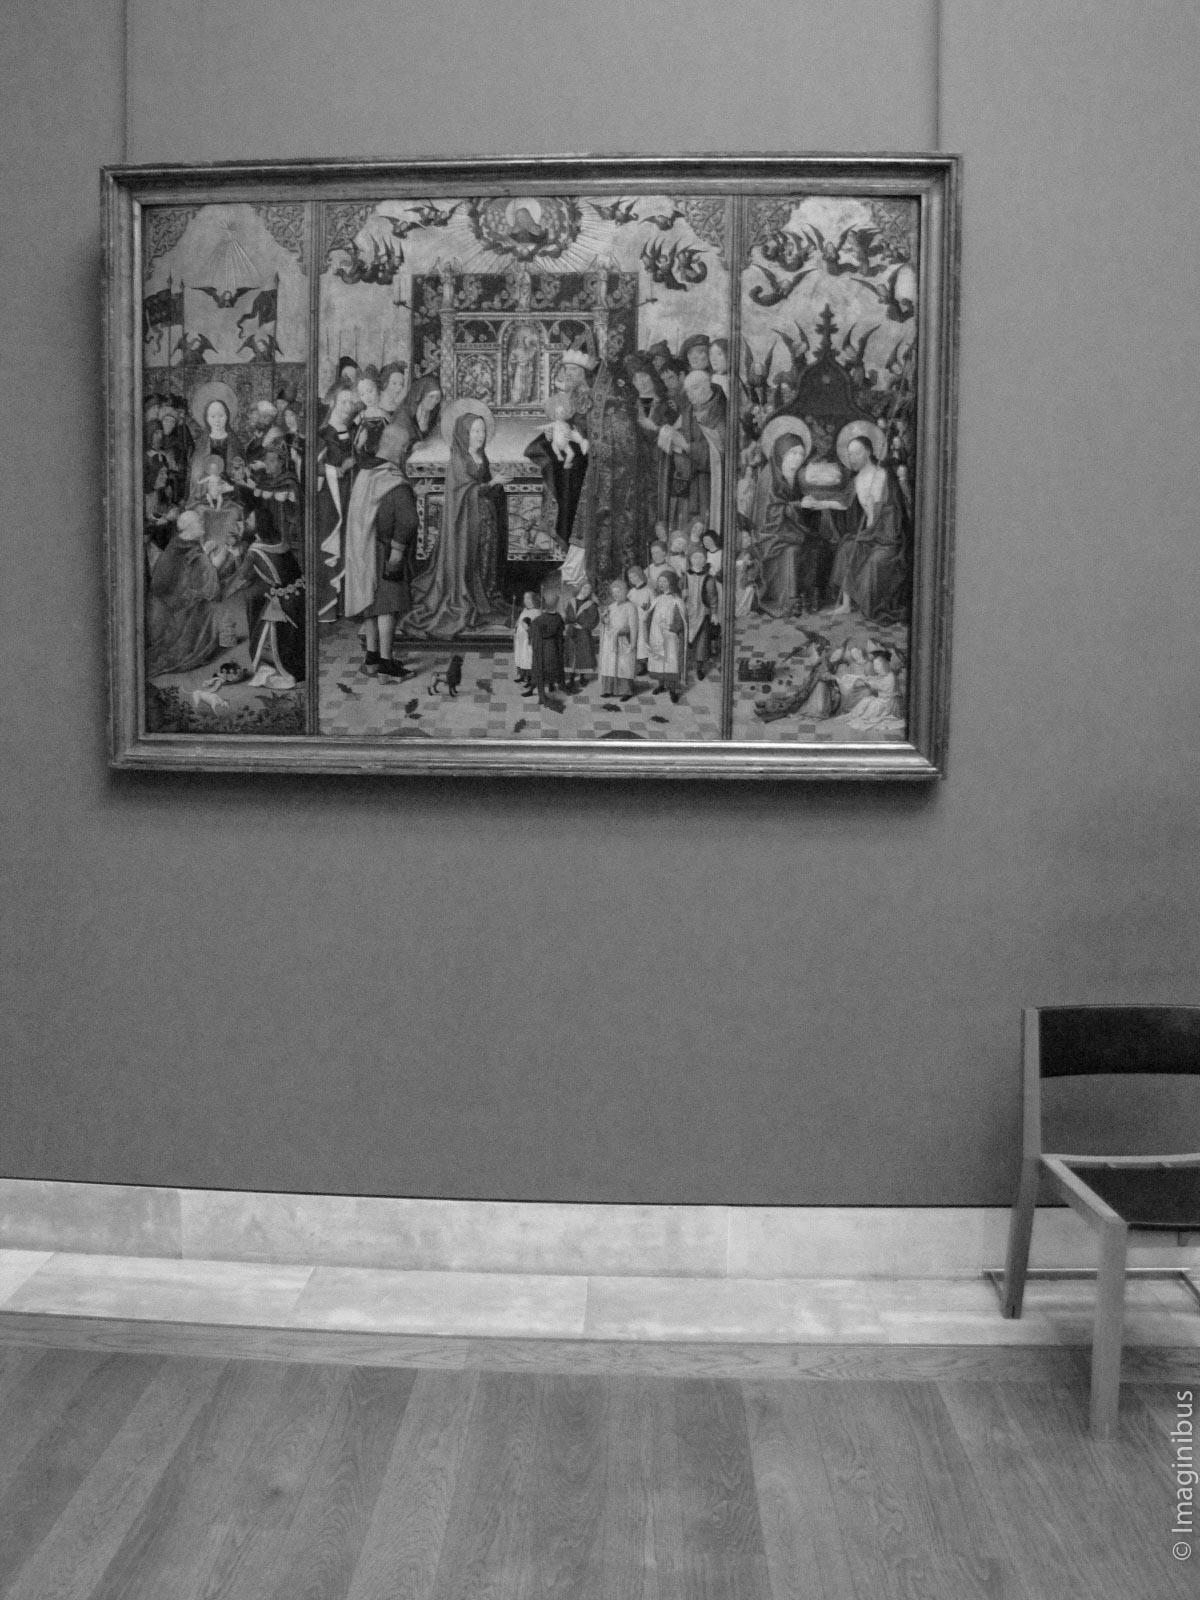 Christmas in the Musée du Louvre, Paris